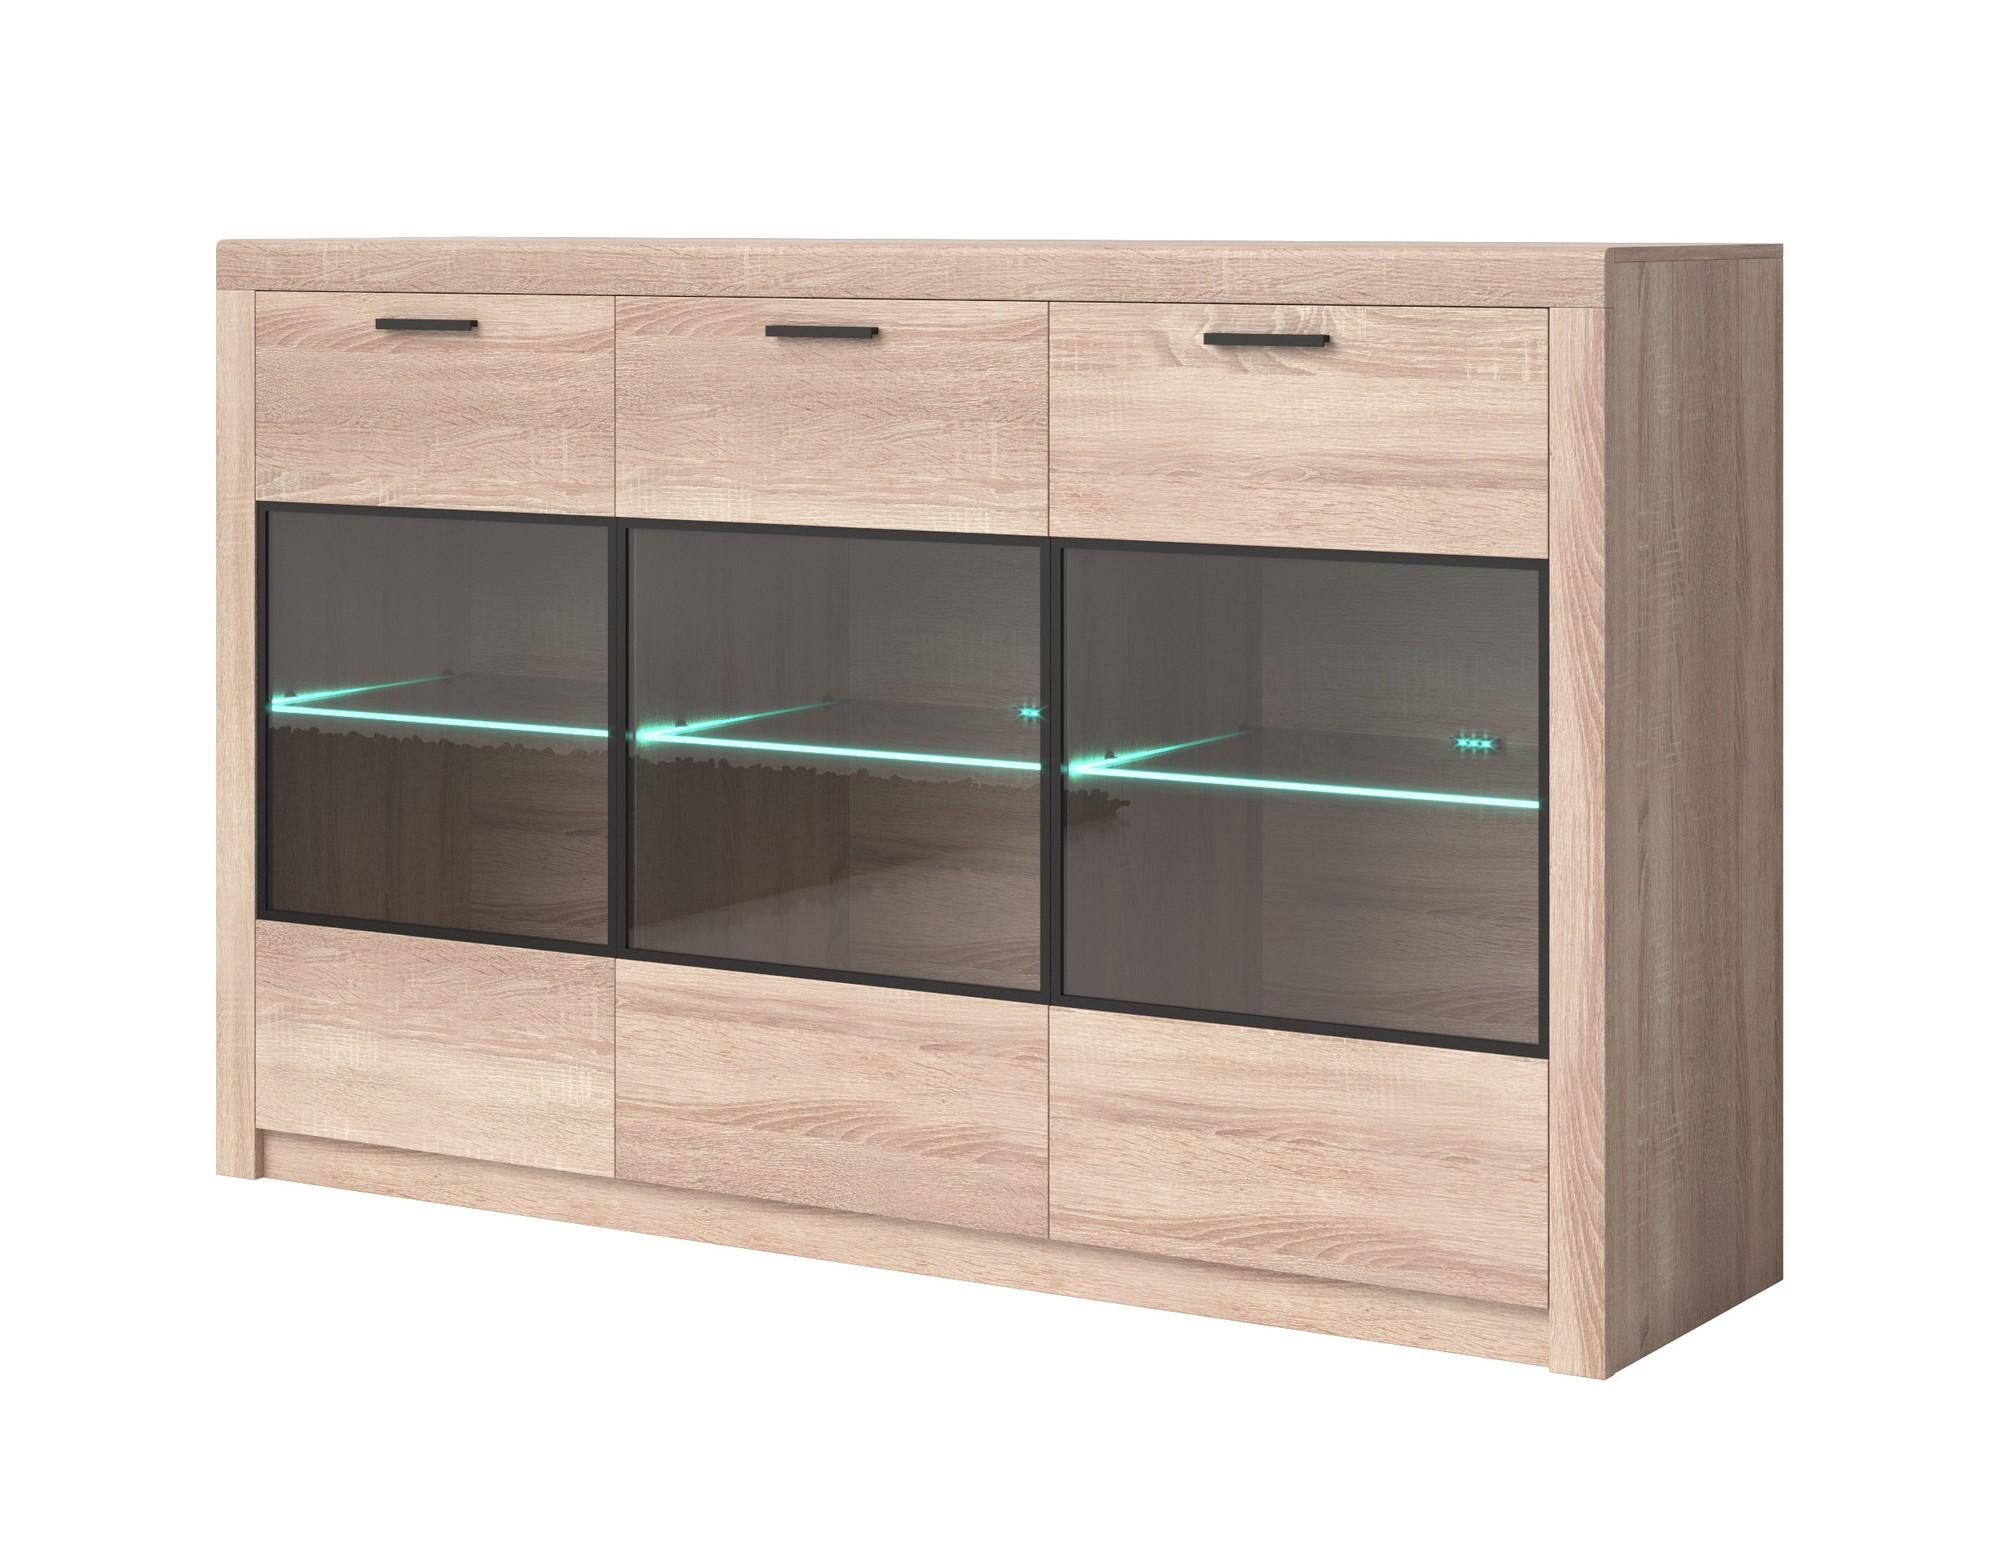 kommode sideboard nemezis mit beleuchtung ebay. Black Bedroom Furniture Sets. Home Design Ideas